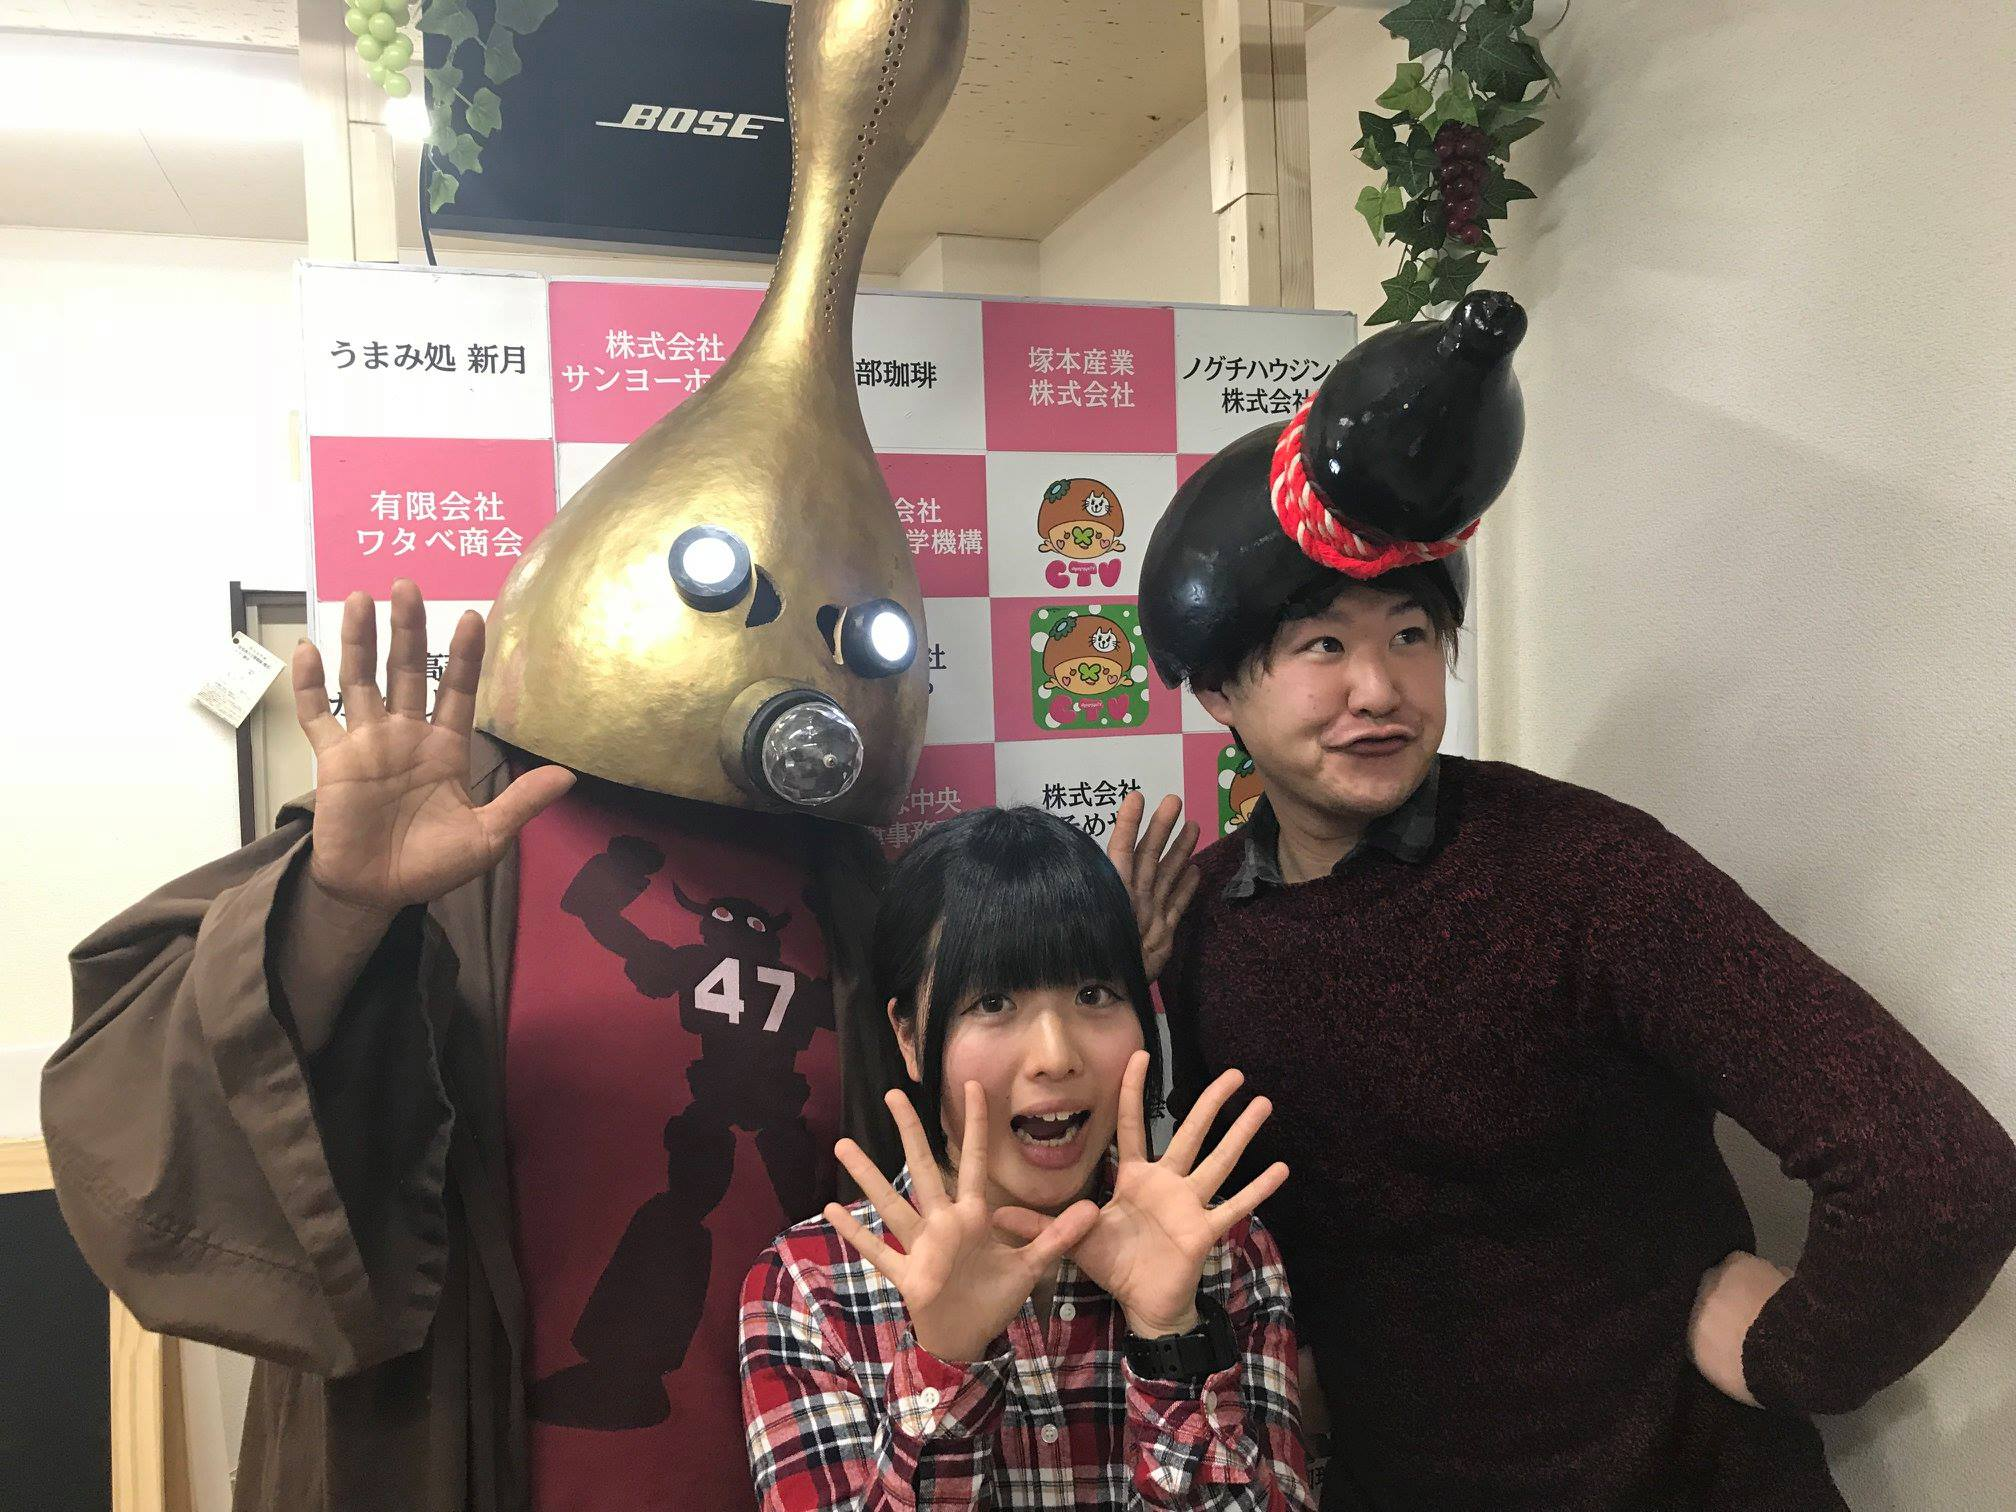 [2018/2/6]♡夕暮れモーモー #203 ゲスト:かぶきんどうさん